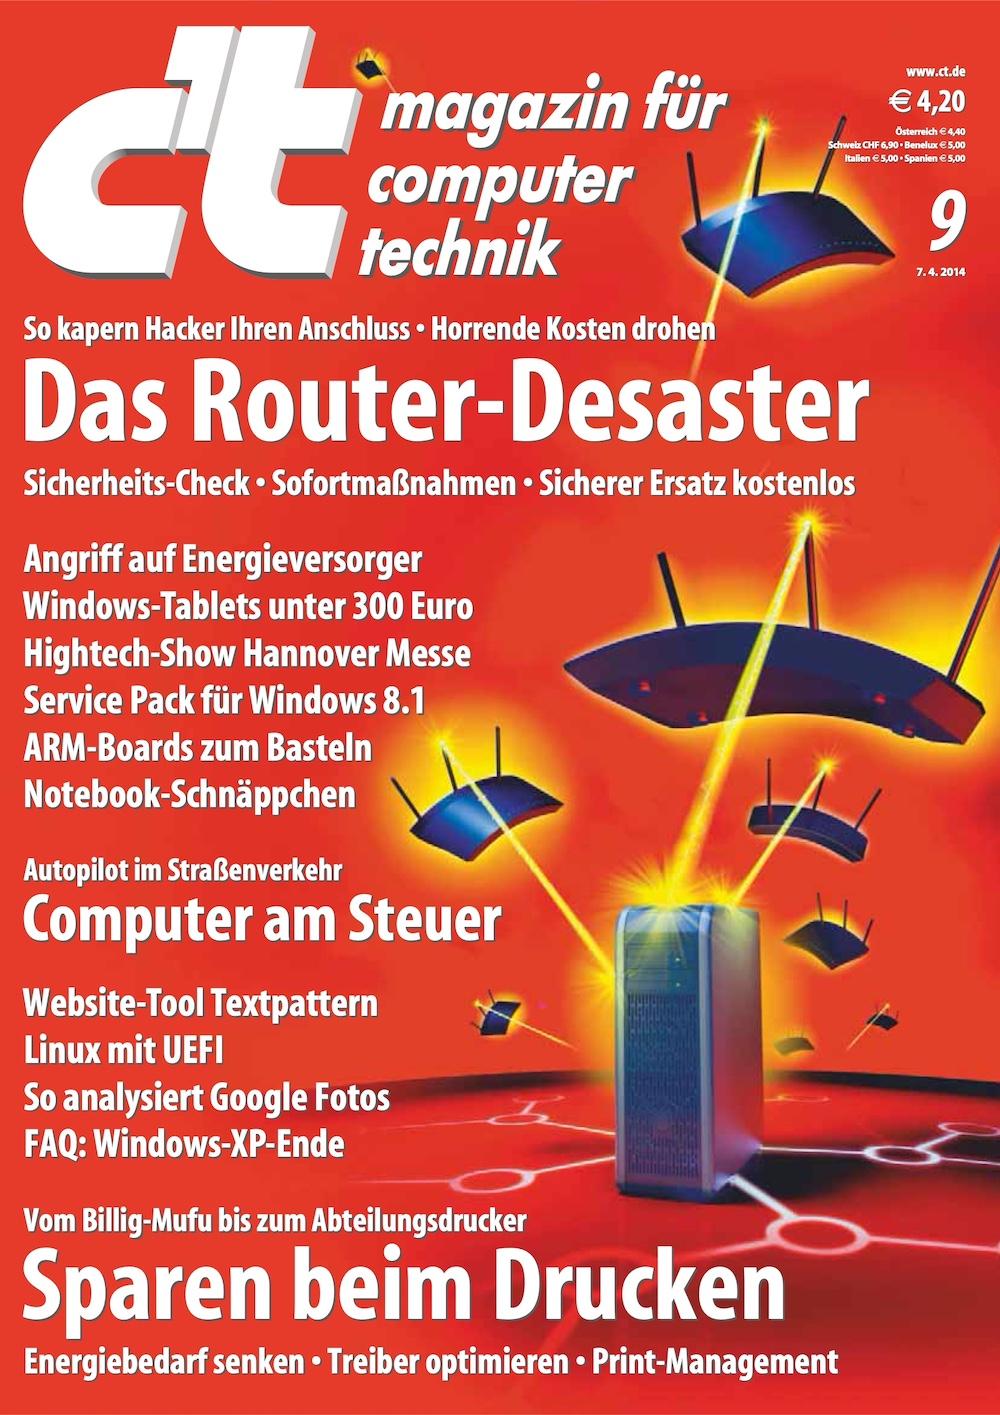 c't Magazin 2014-09